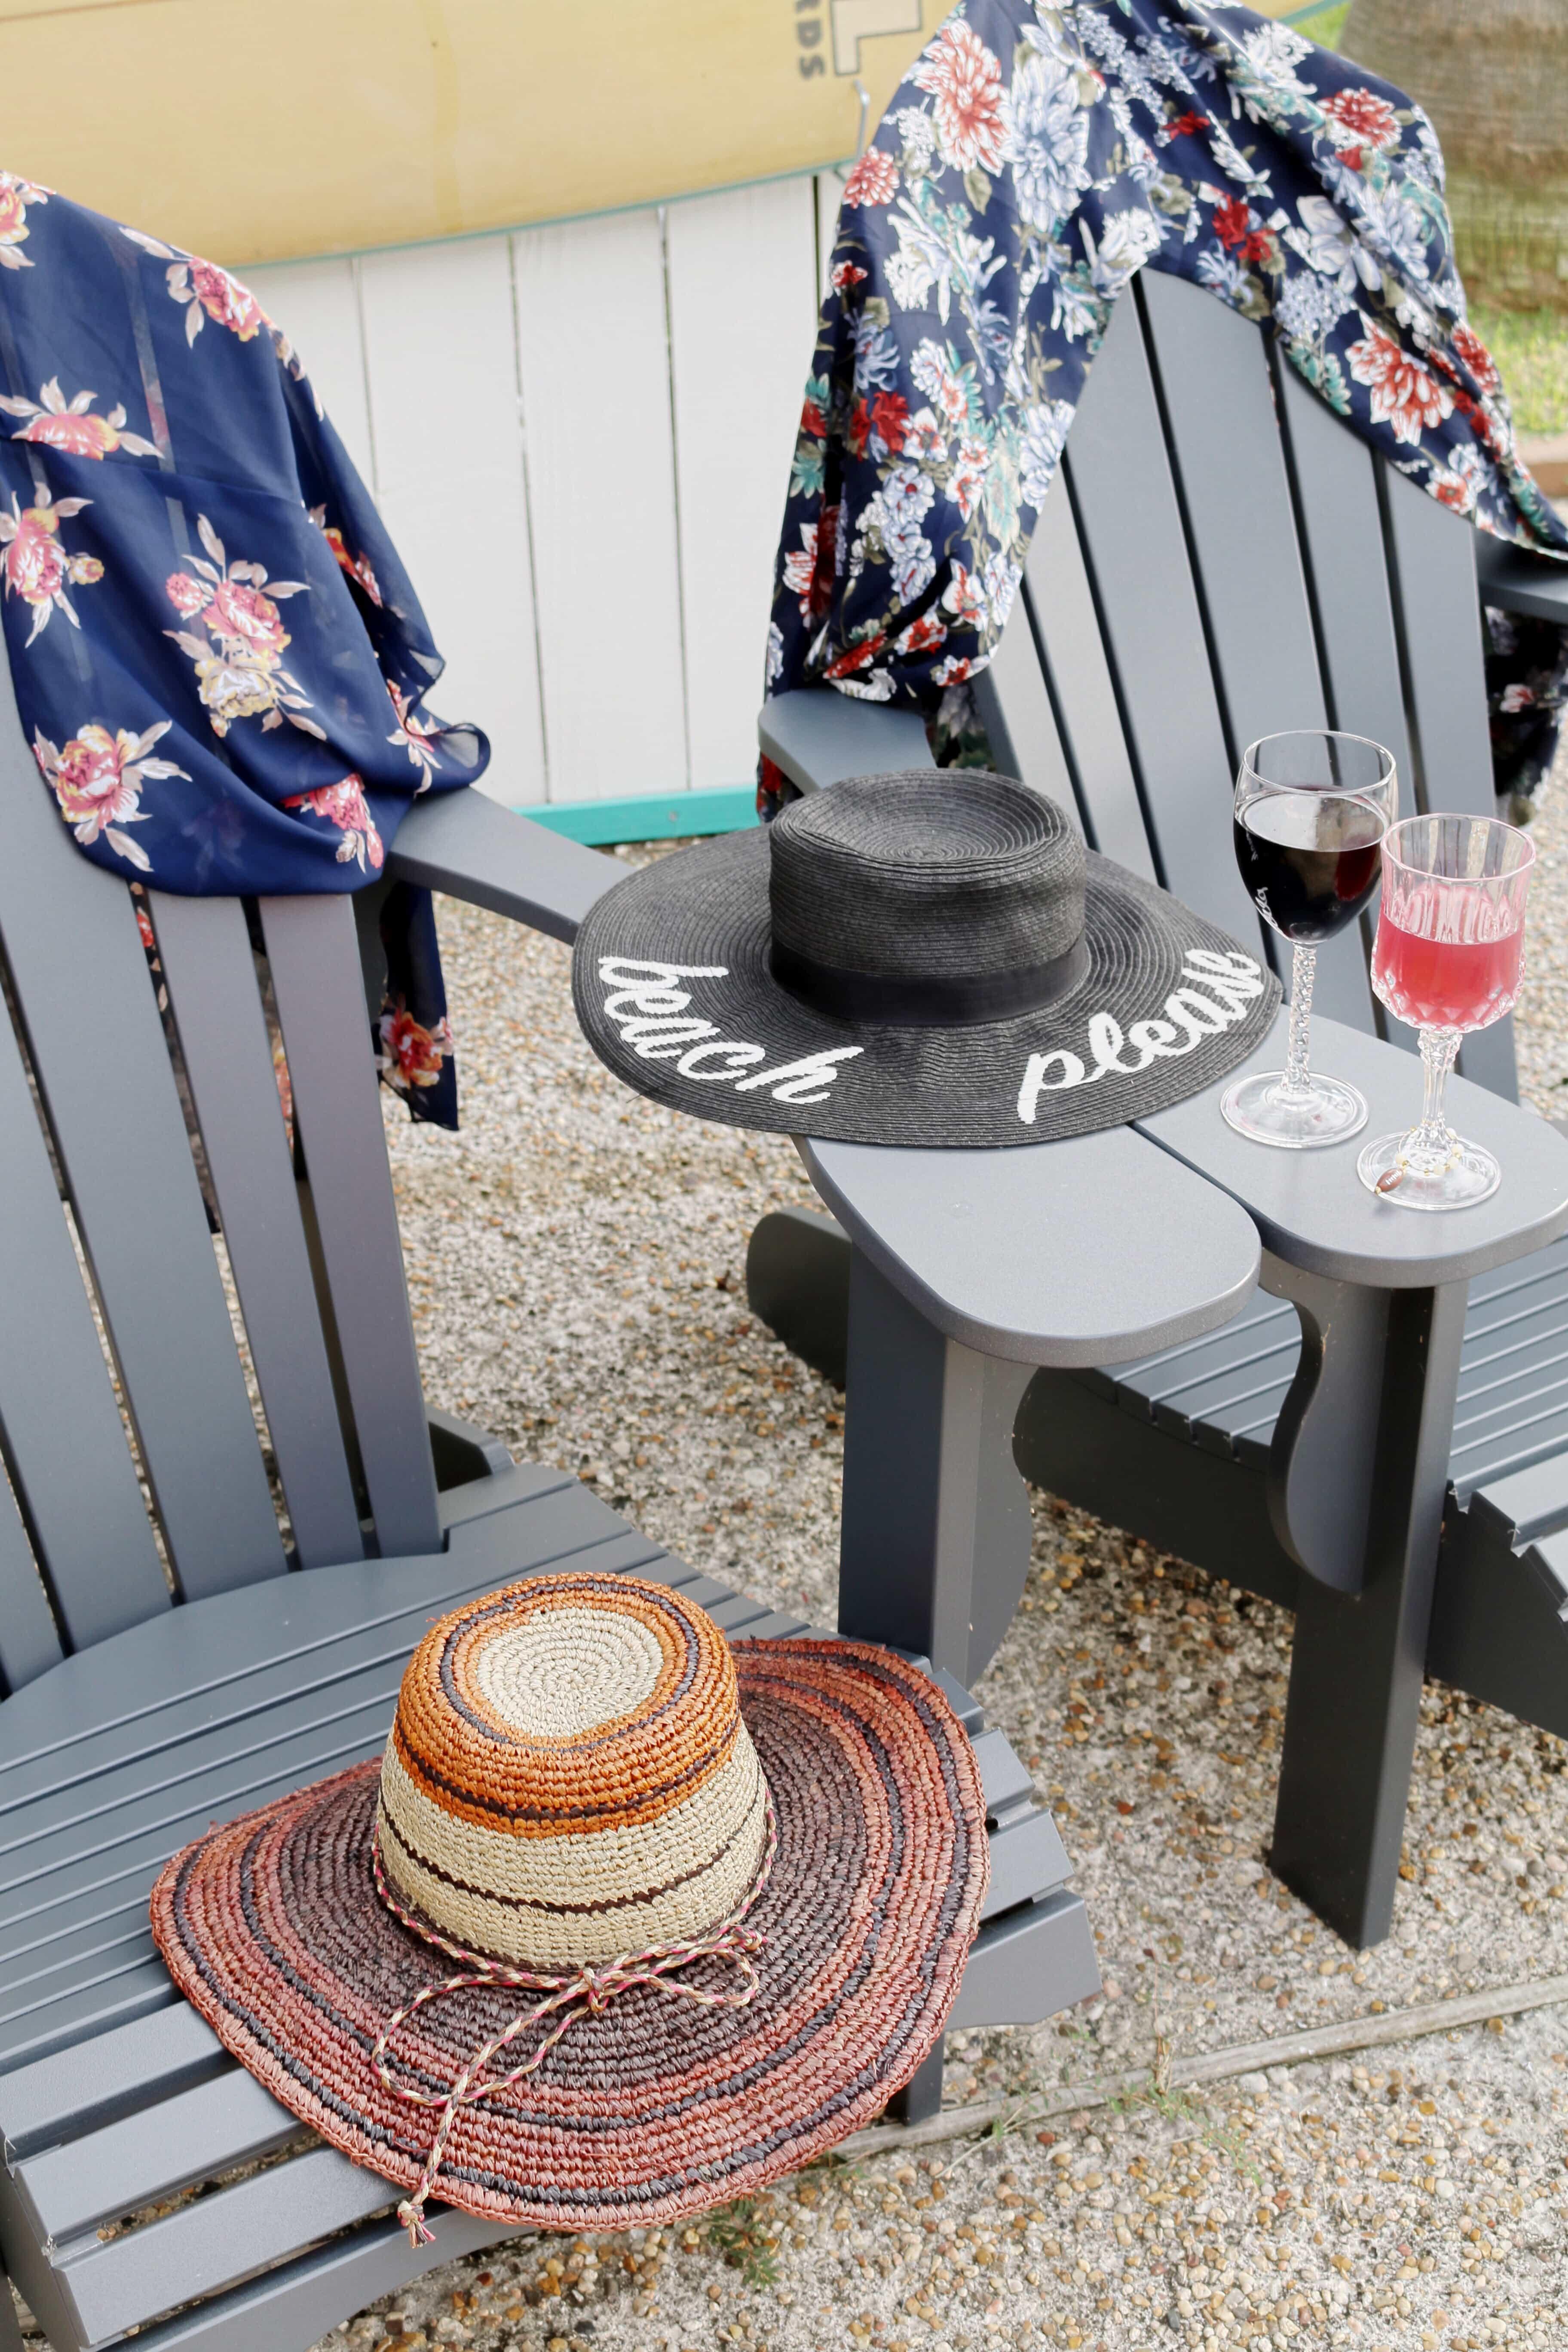 IMG 2952 1 - Sombreros de Verano que debes comprar ahora